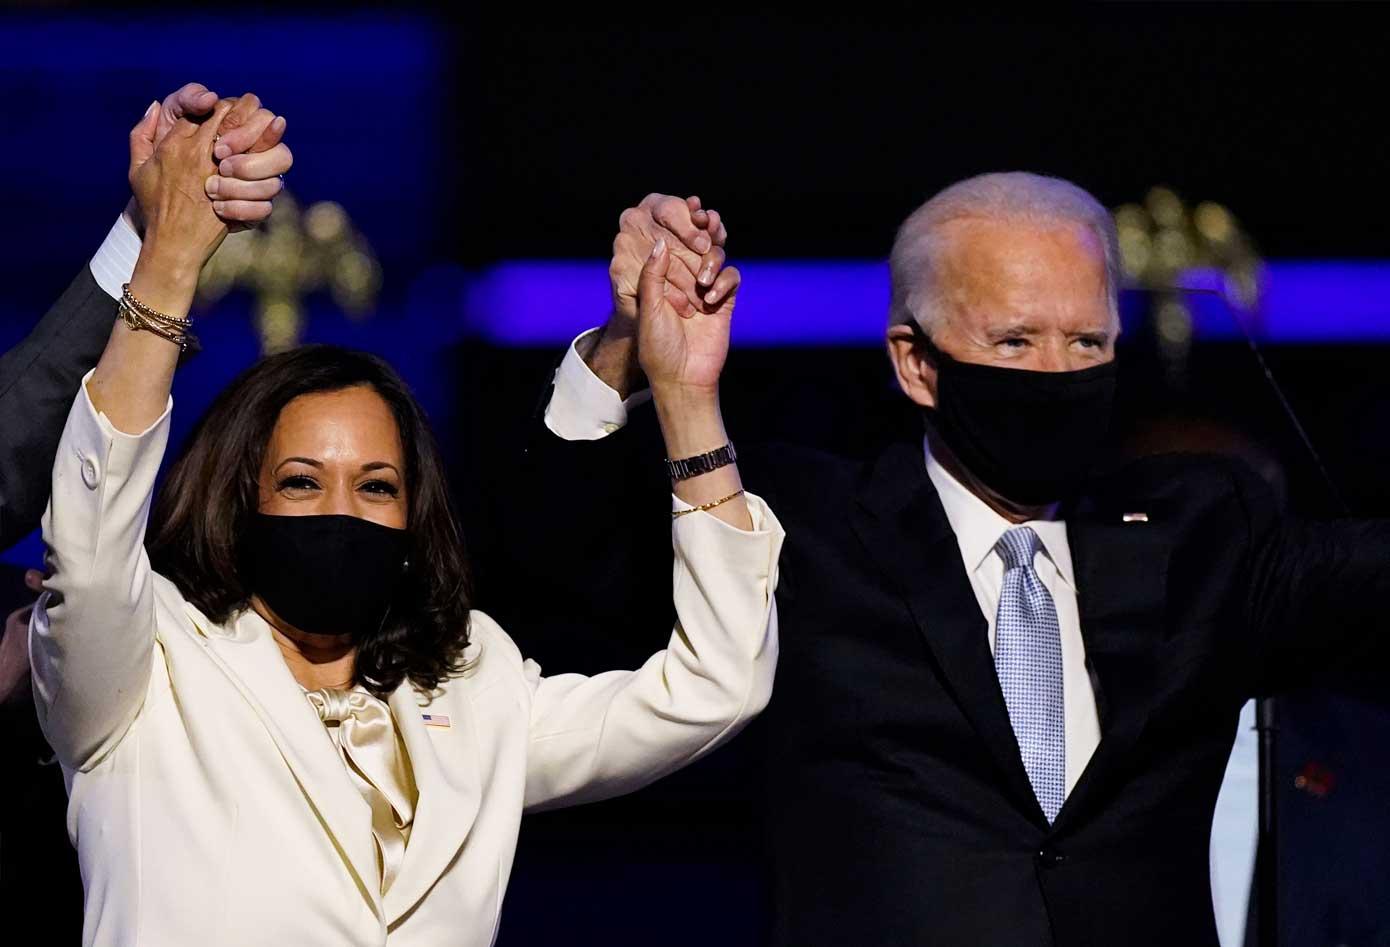 Elecciones en EE.UU.: La victoria de Joe Biden y Kamala Harris